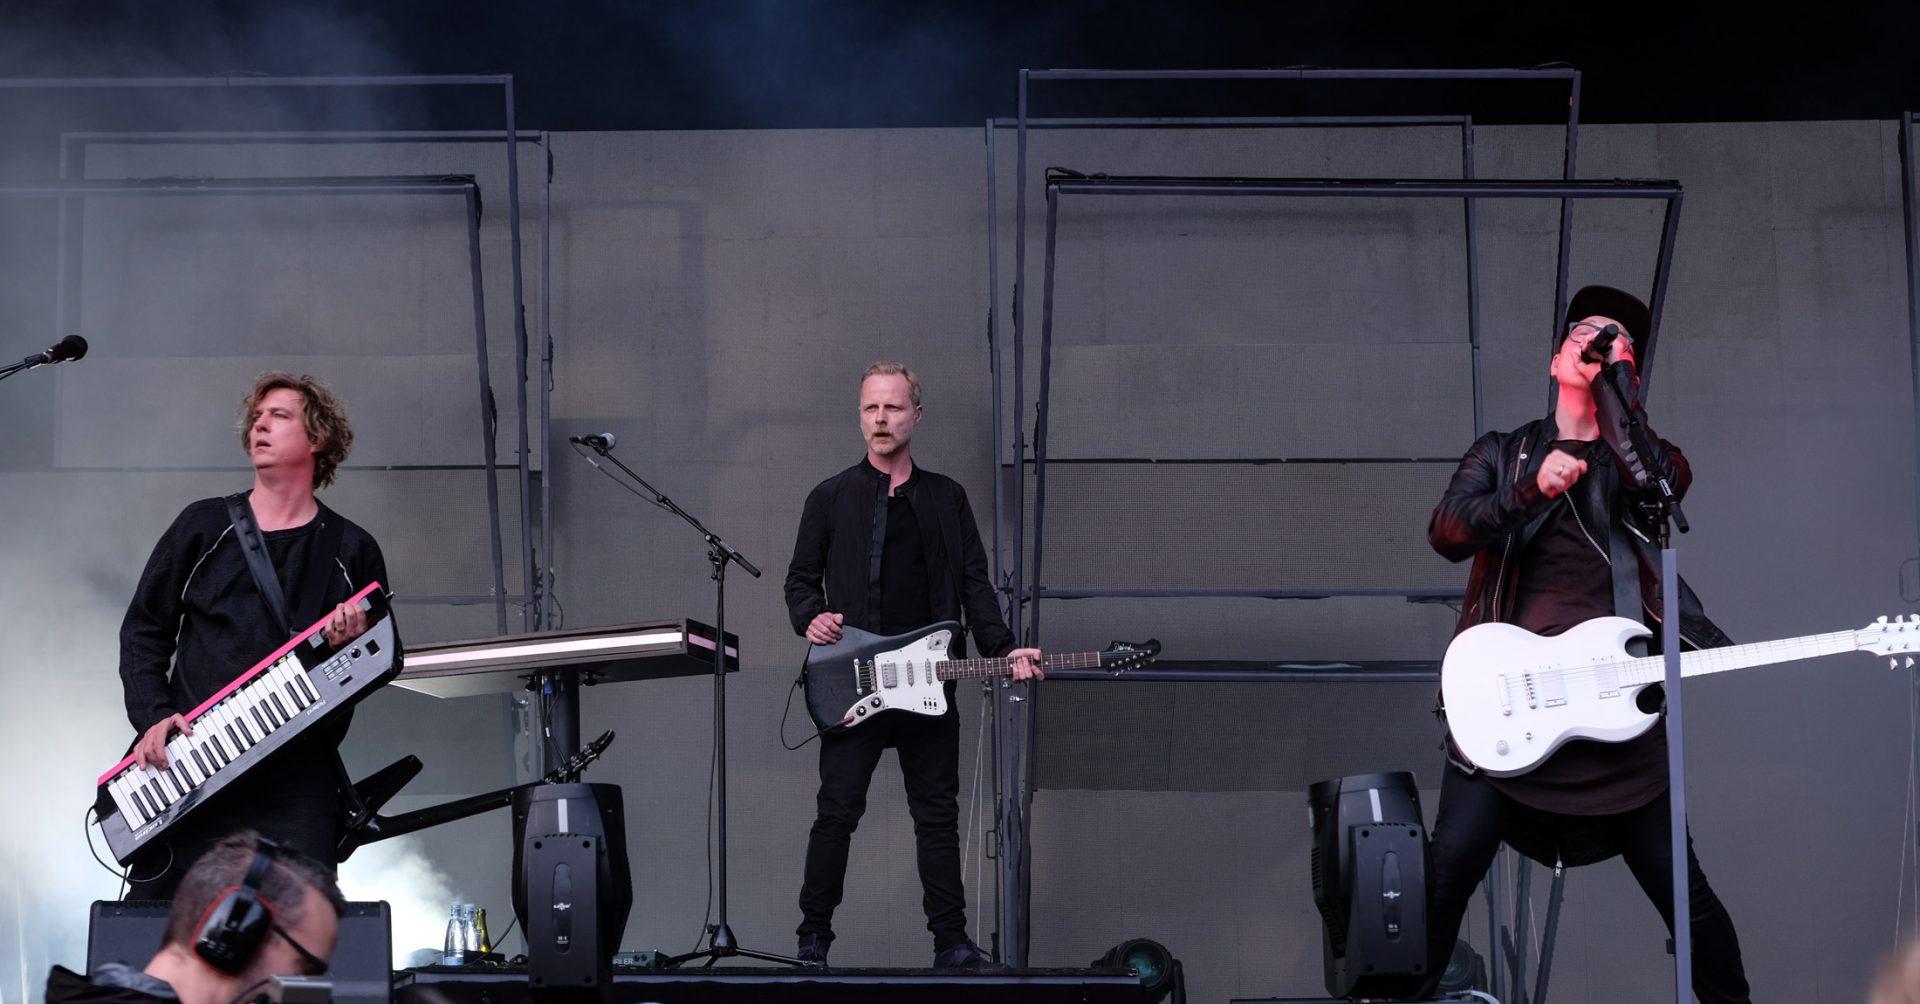 Et brag af en koncert: Carpark North gav en velspillet koncert med fuld fart og nerve